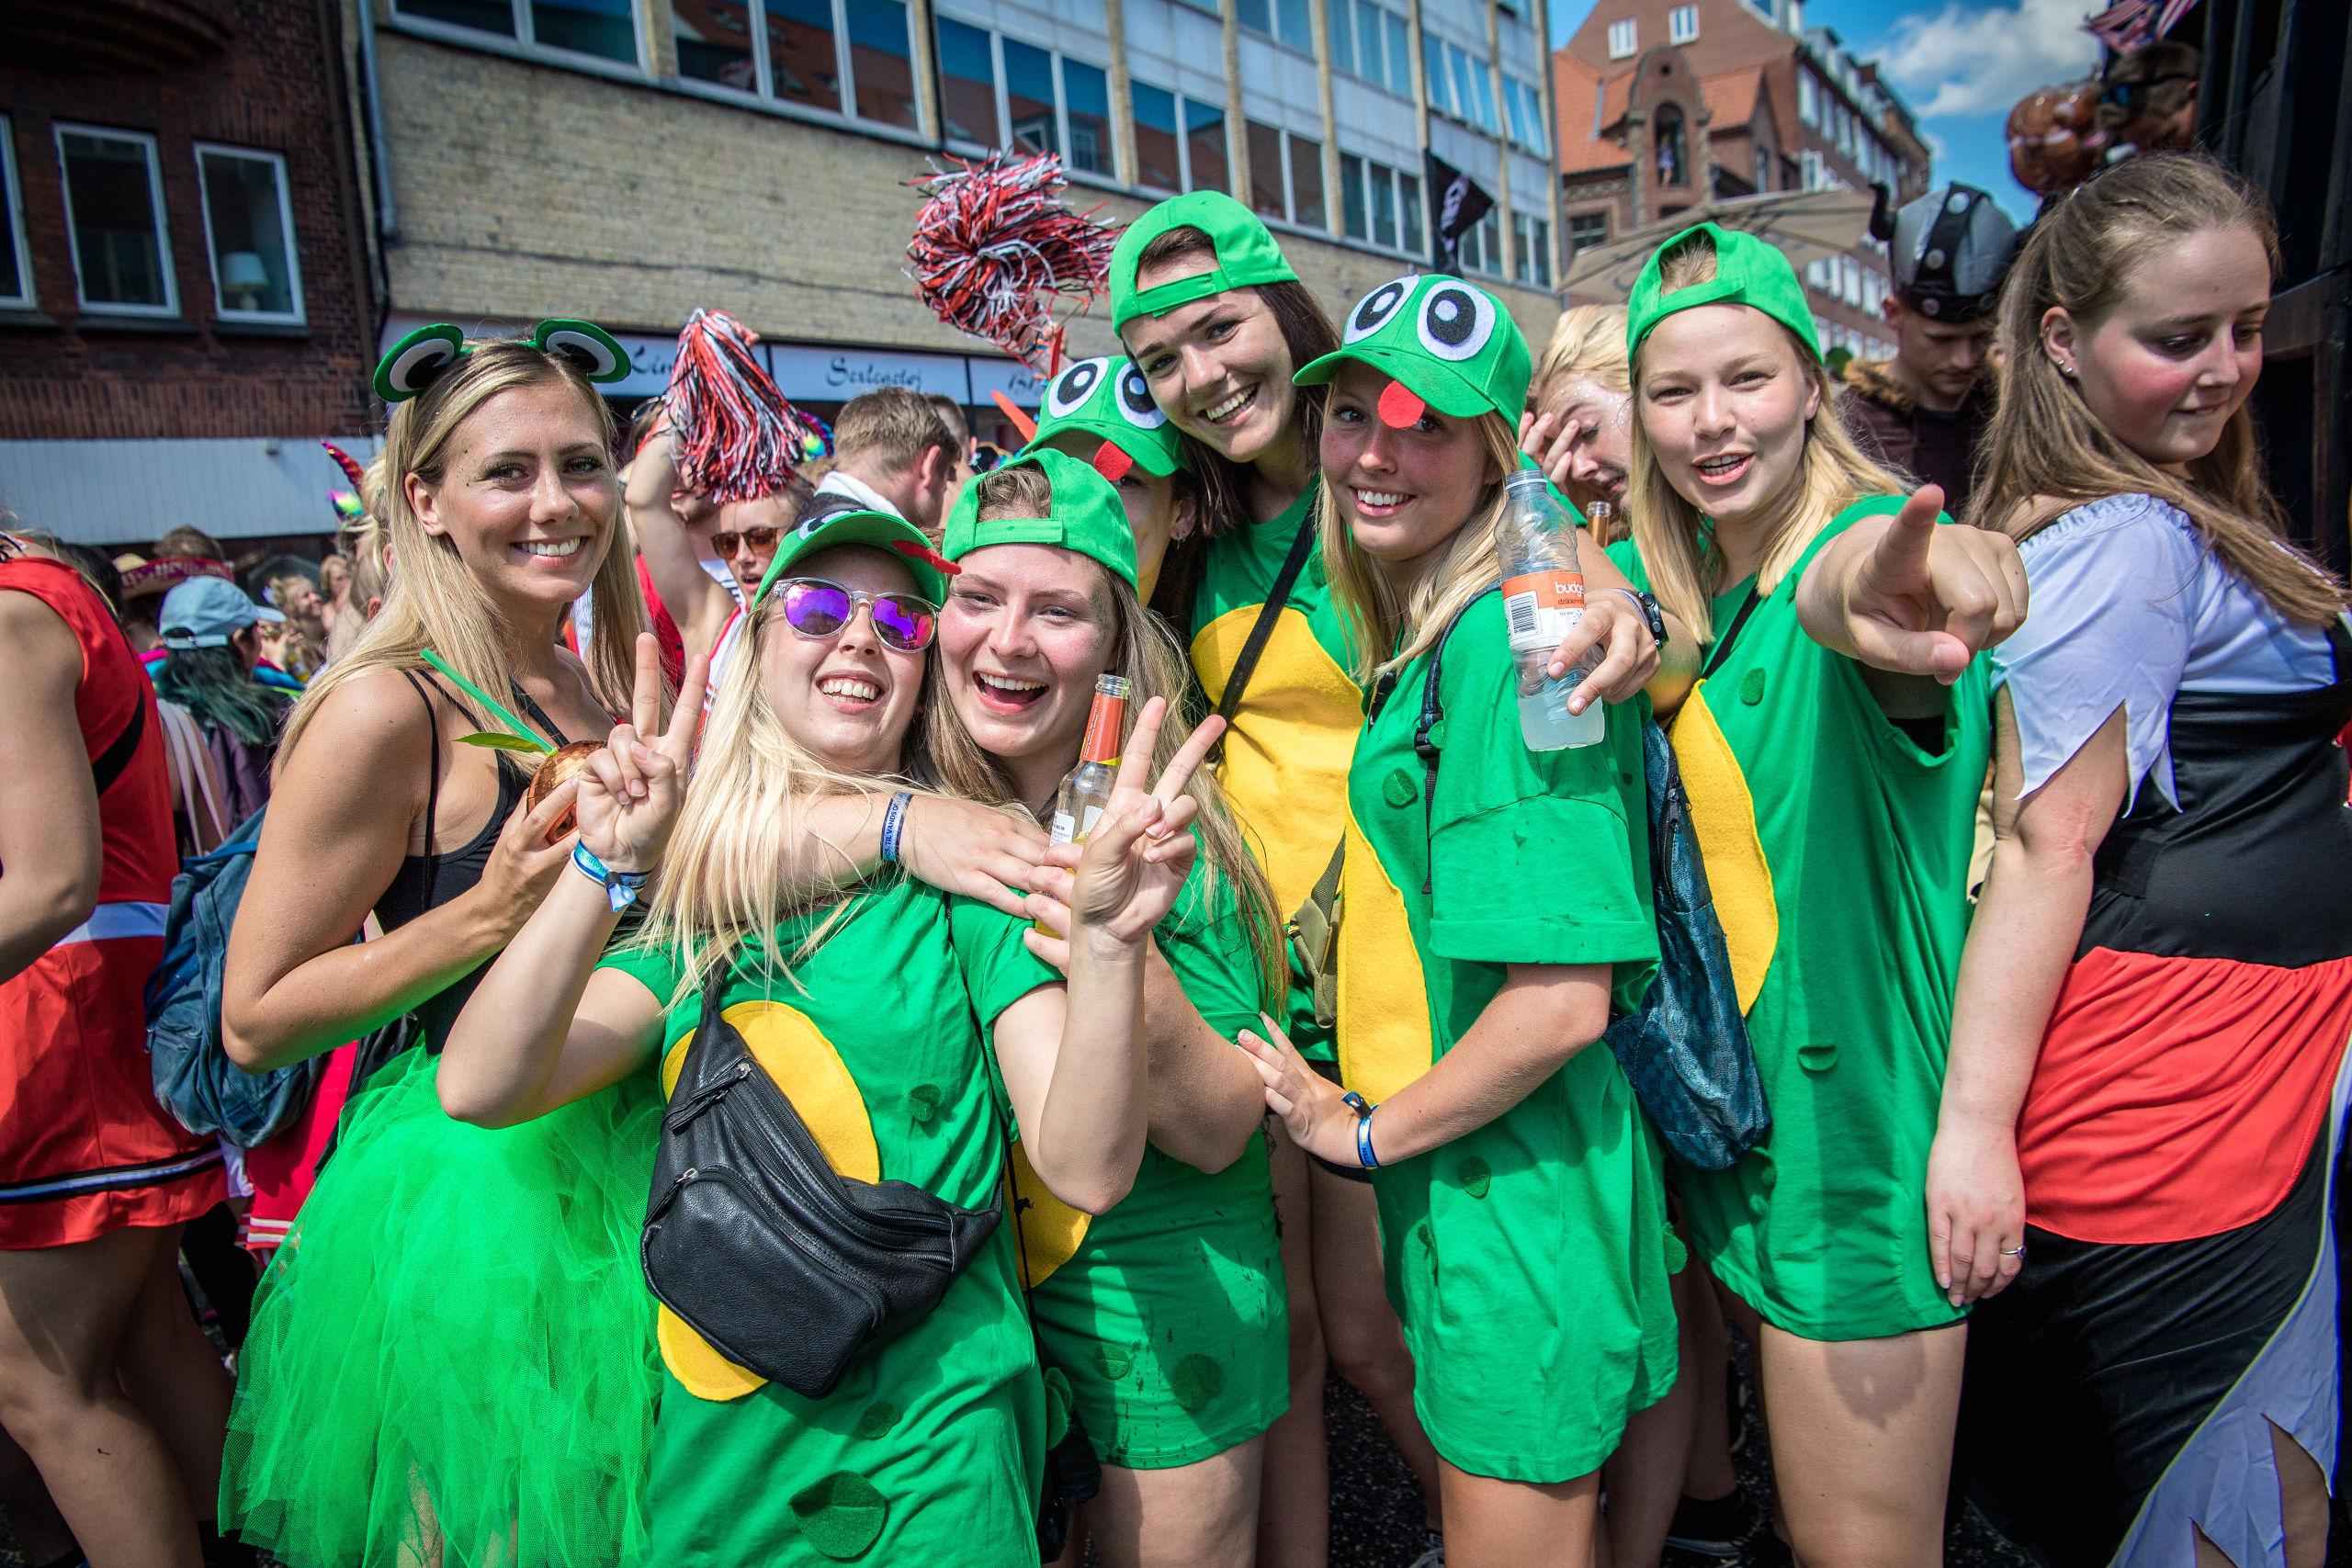 Det bliver fremover nemmere at finde et sted at crashe, når karnevalsfesten bliver høj. Aalborg Karneval lancerer nu et campingområde. Arkivfoto: Martin Damgård